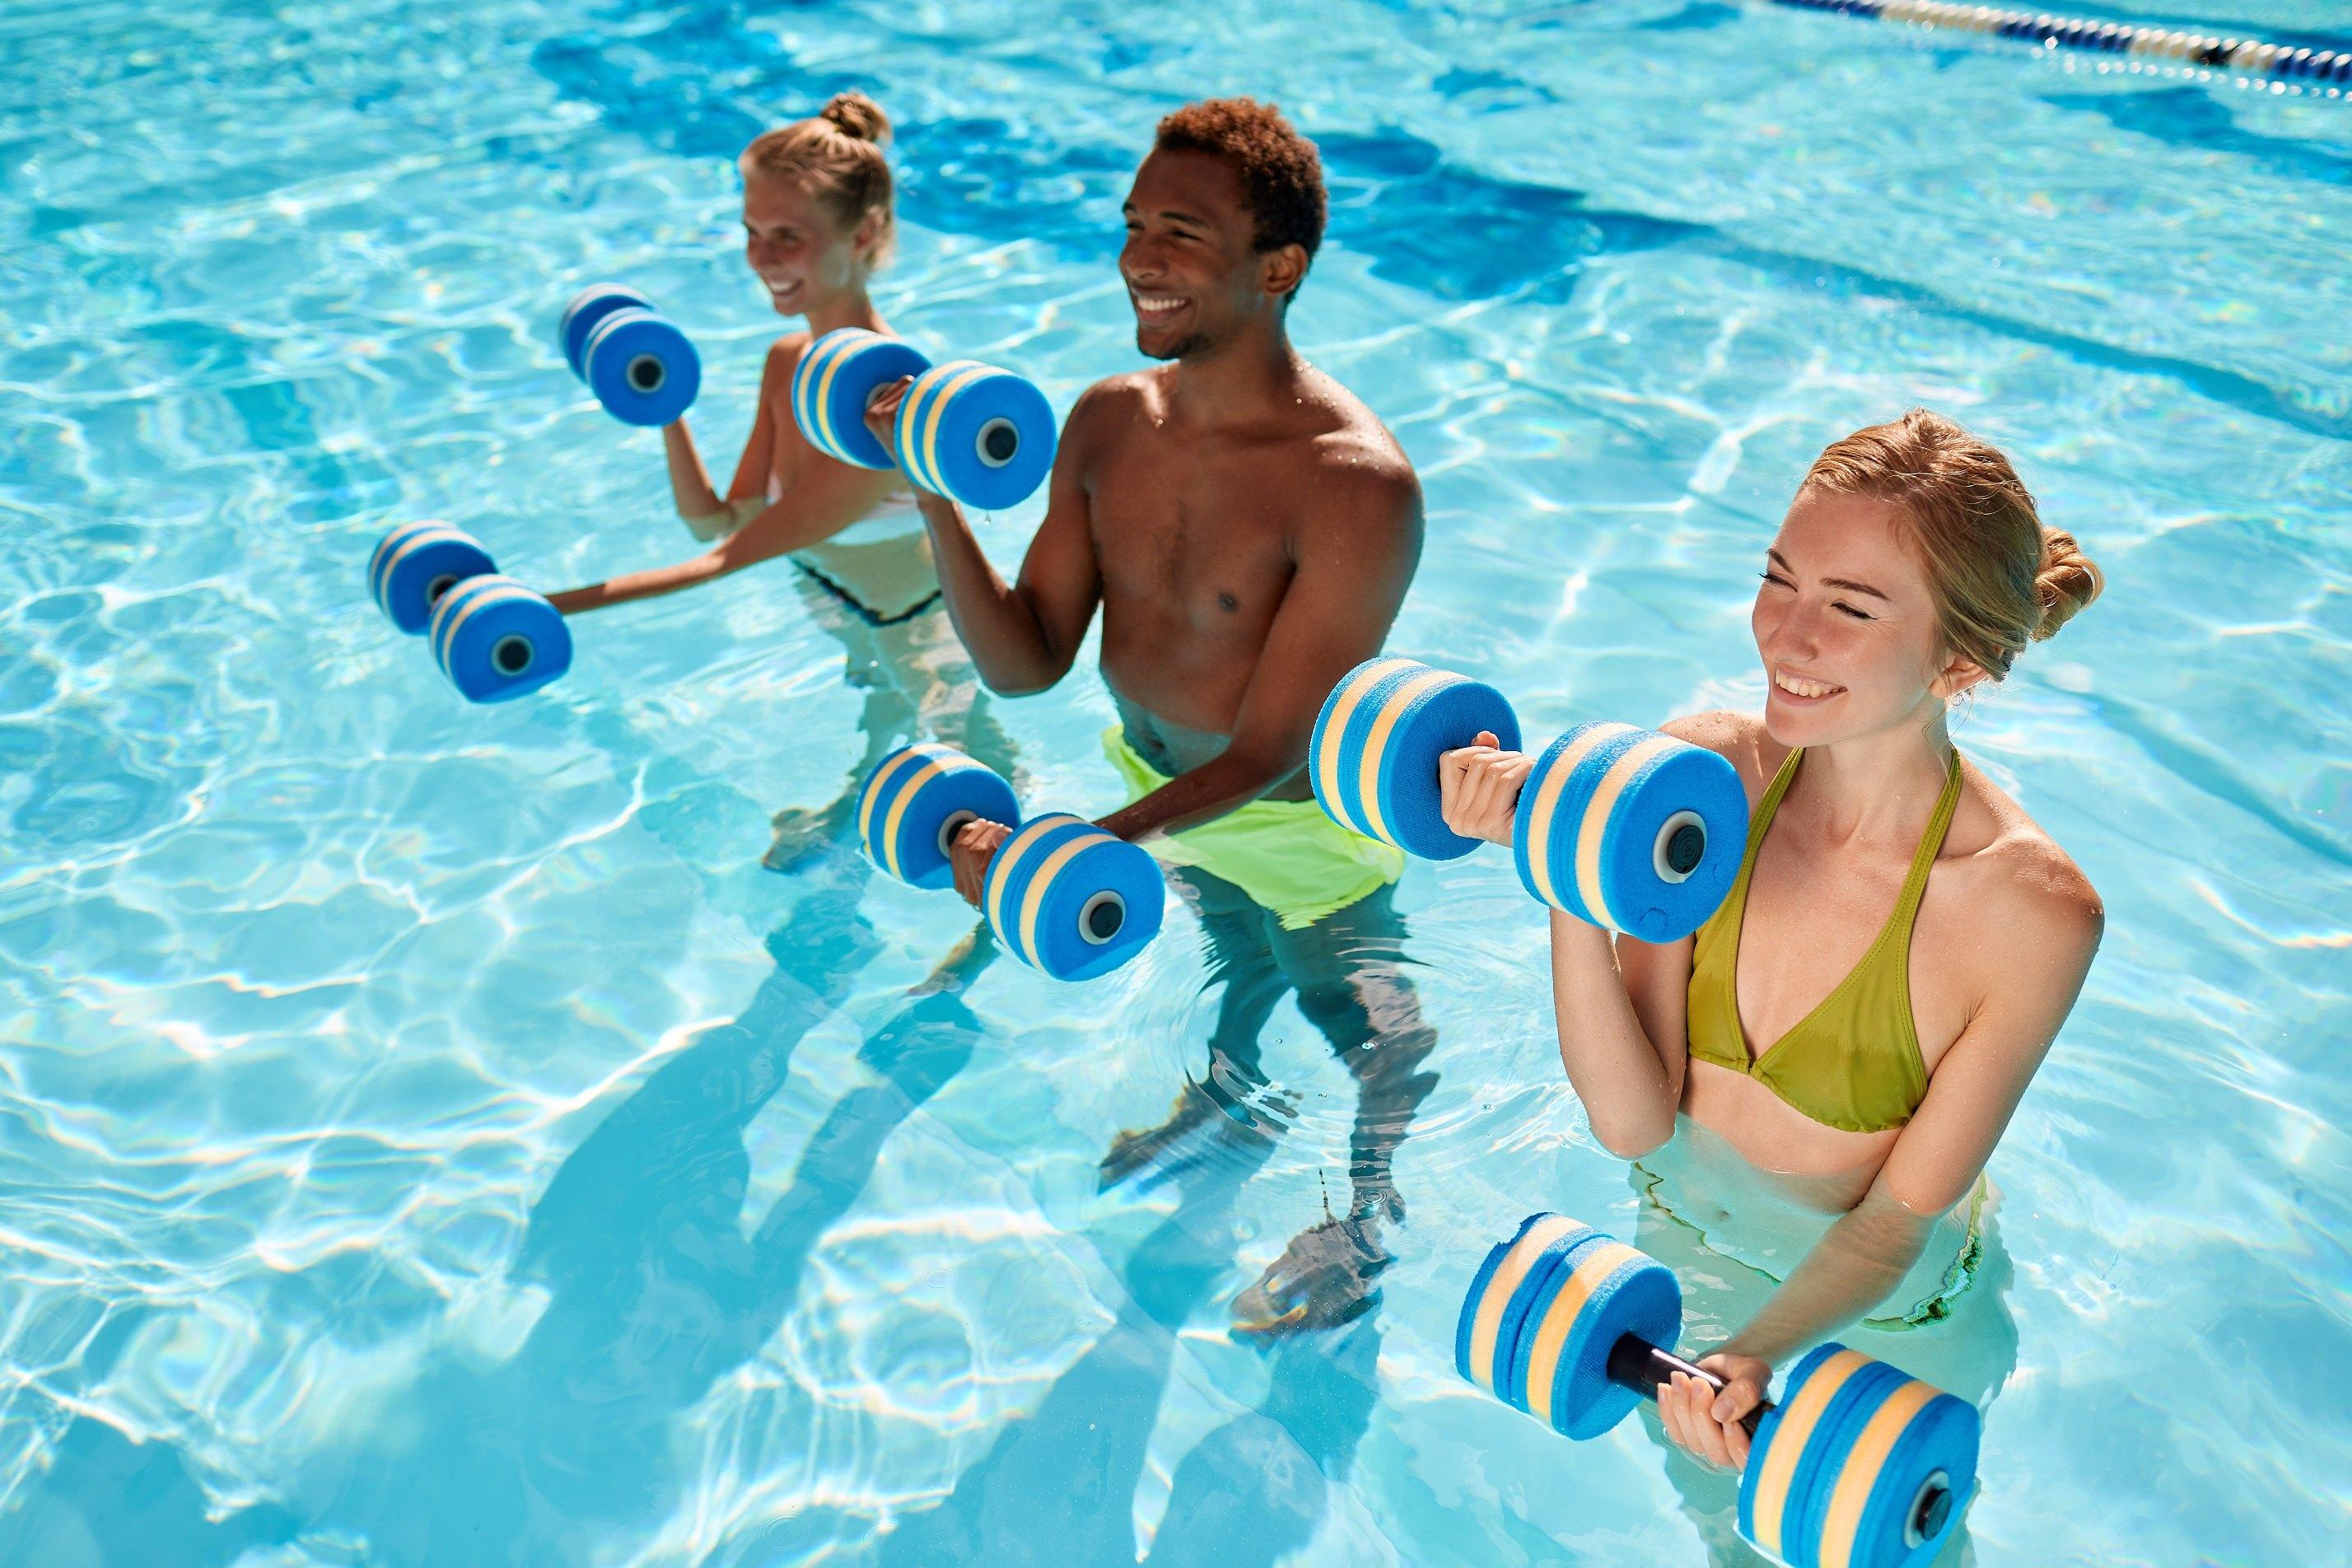 Odchudzanie na basenie – czy da się schudnąć dzięki pływaniu? – eplywak